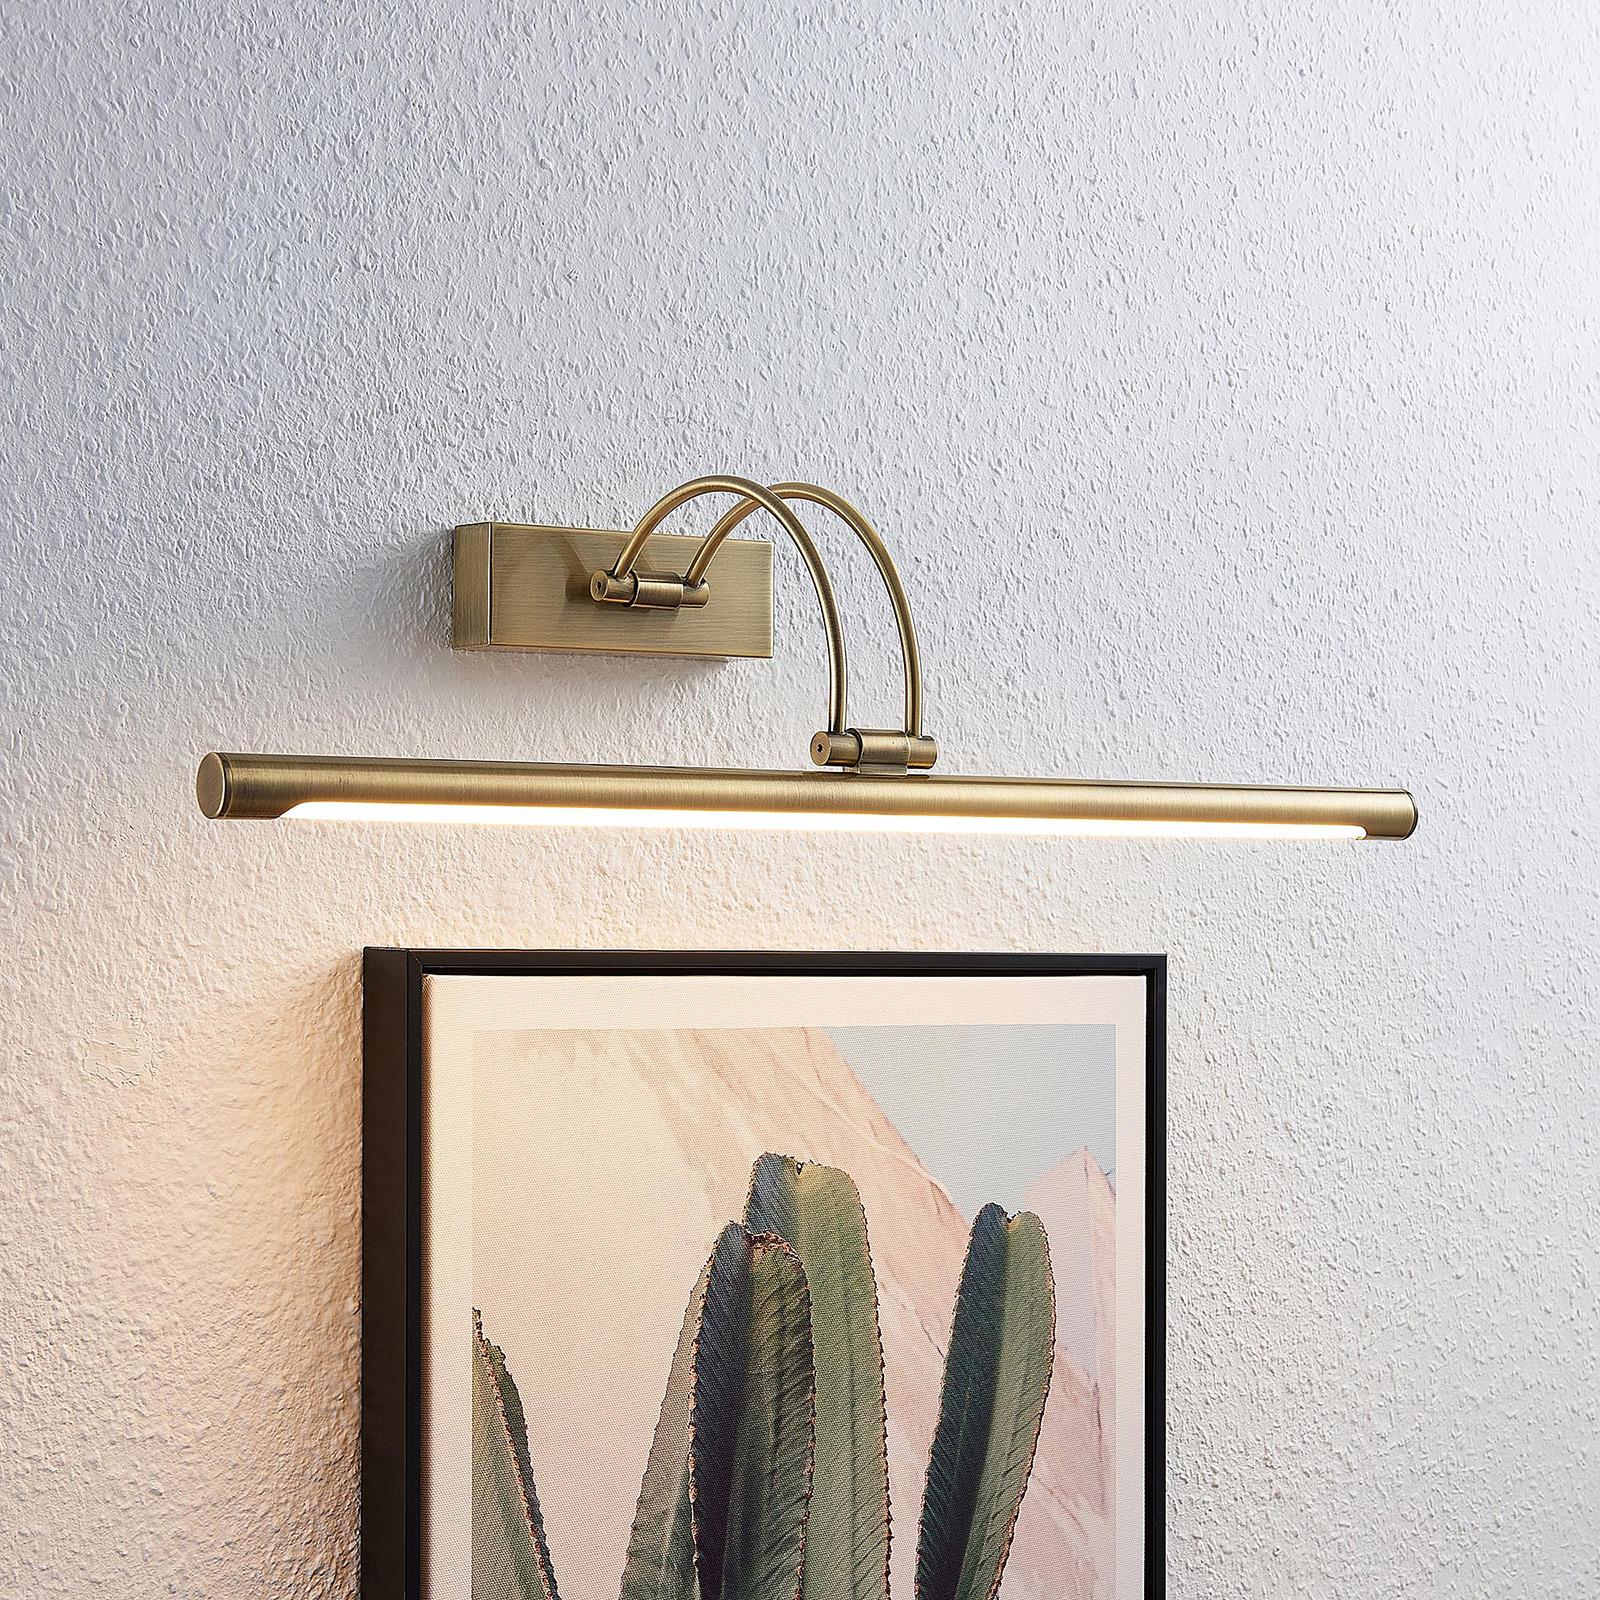 Lucande Dimitrij oświetlenie obrazów LED, wygięte